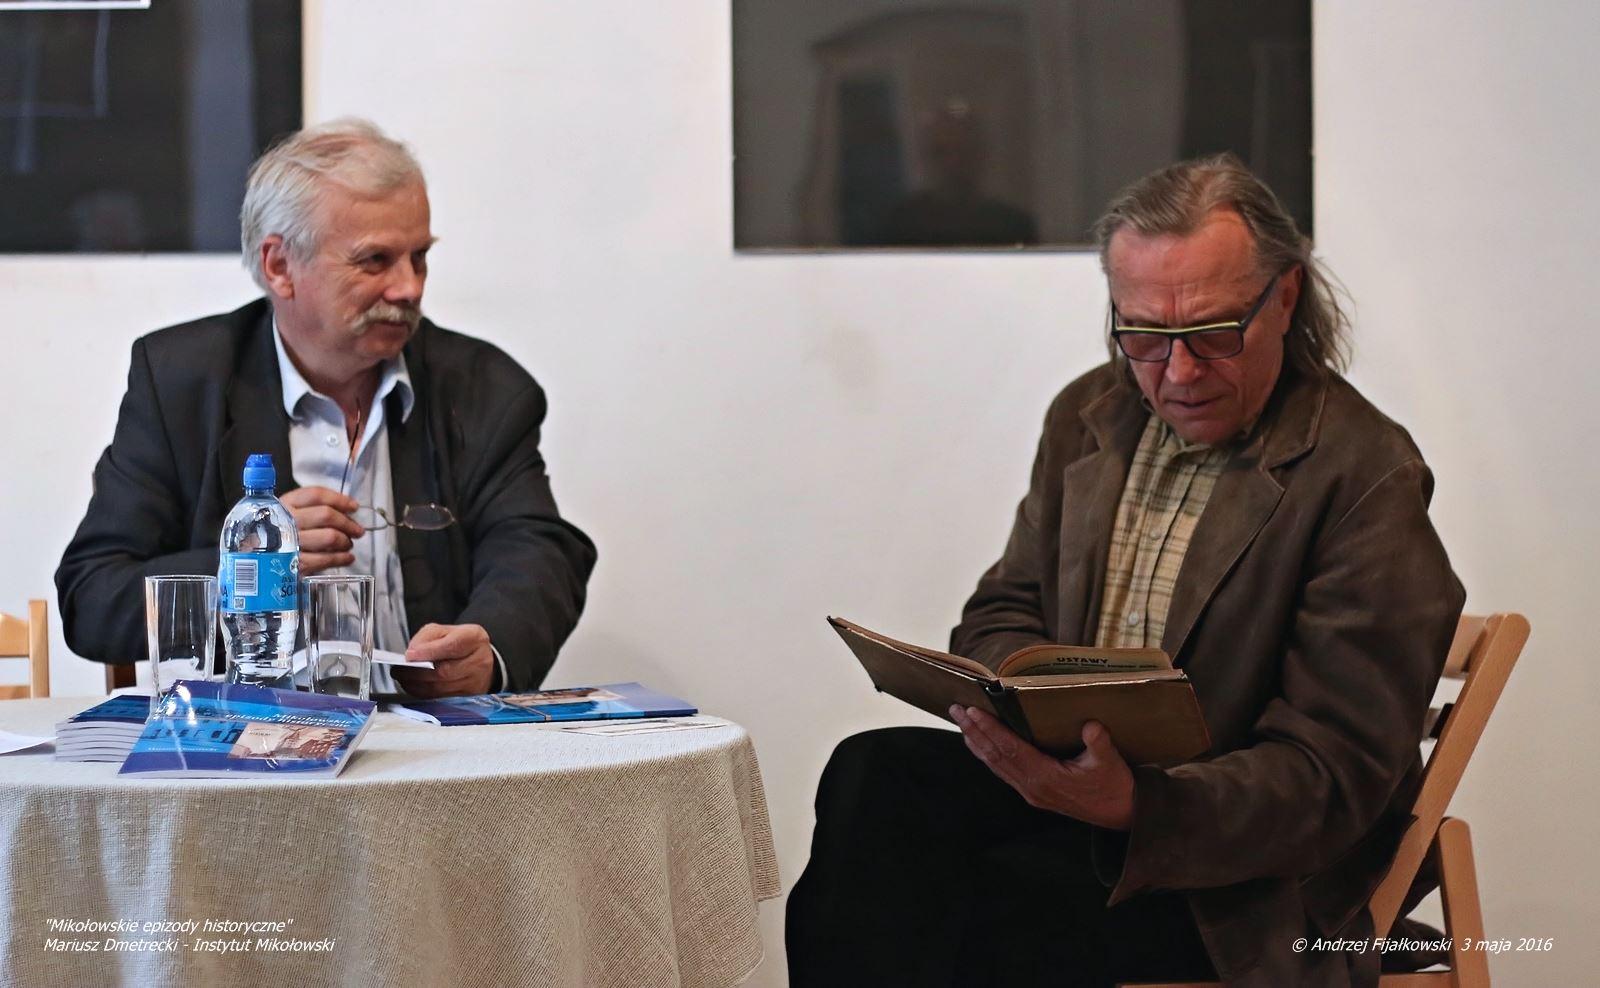 Promocja najnowszej książki Mariusza Dmetreckiego